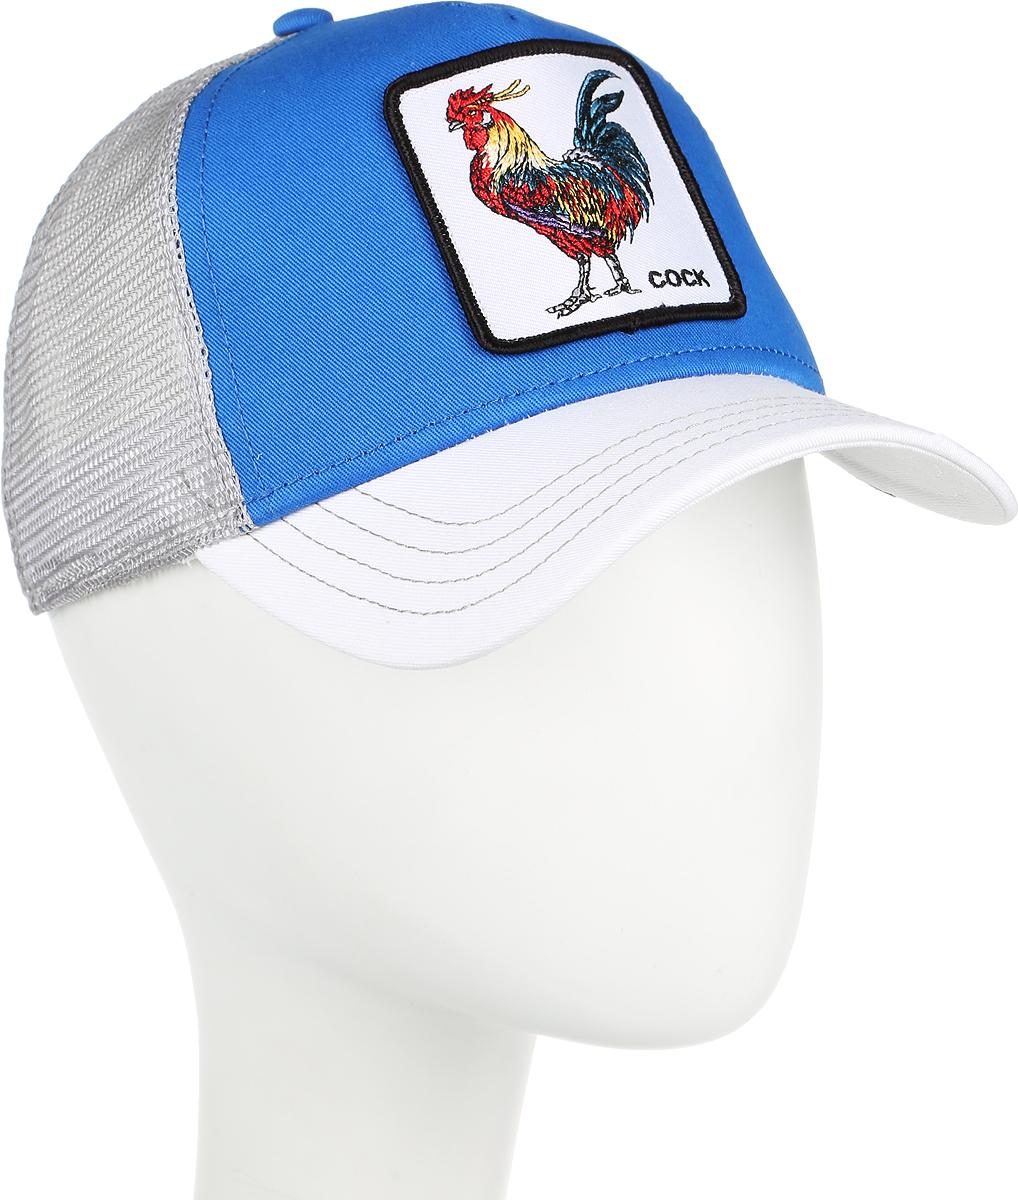 Бейсболка Goorin Brothers GALLO, цвет: синий, белый. 91-106-95-00. Размер универсальный91-106-95-00Стильная бейсболка Goorin Brothers, выполненная из полиэстера и хлопка, идеально подойдет для прогулок, занятия спортом и отдыха. Она надежно защитит вас от солнца и ветра. Задняя часть имеет сетчатую вставку для вентиляции воздуха. Изделие оформлено нашивкой с изображением петуха и надписью Cock. Обхват регулируется с помощью пластикового ремешка.